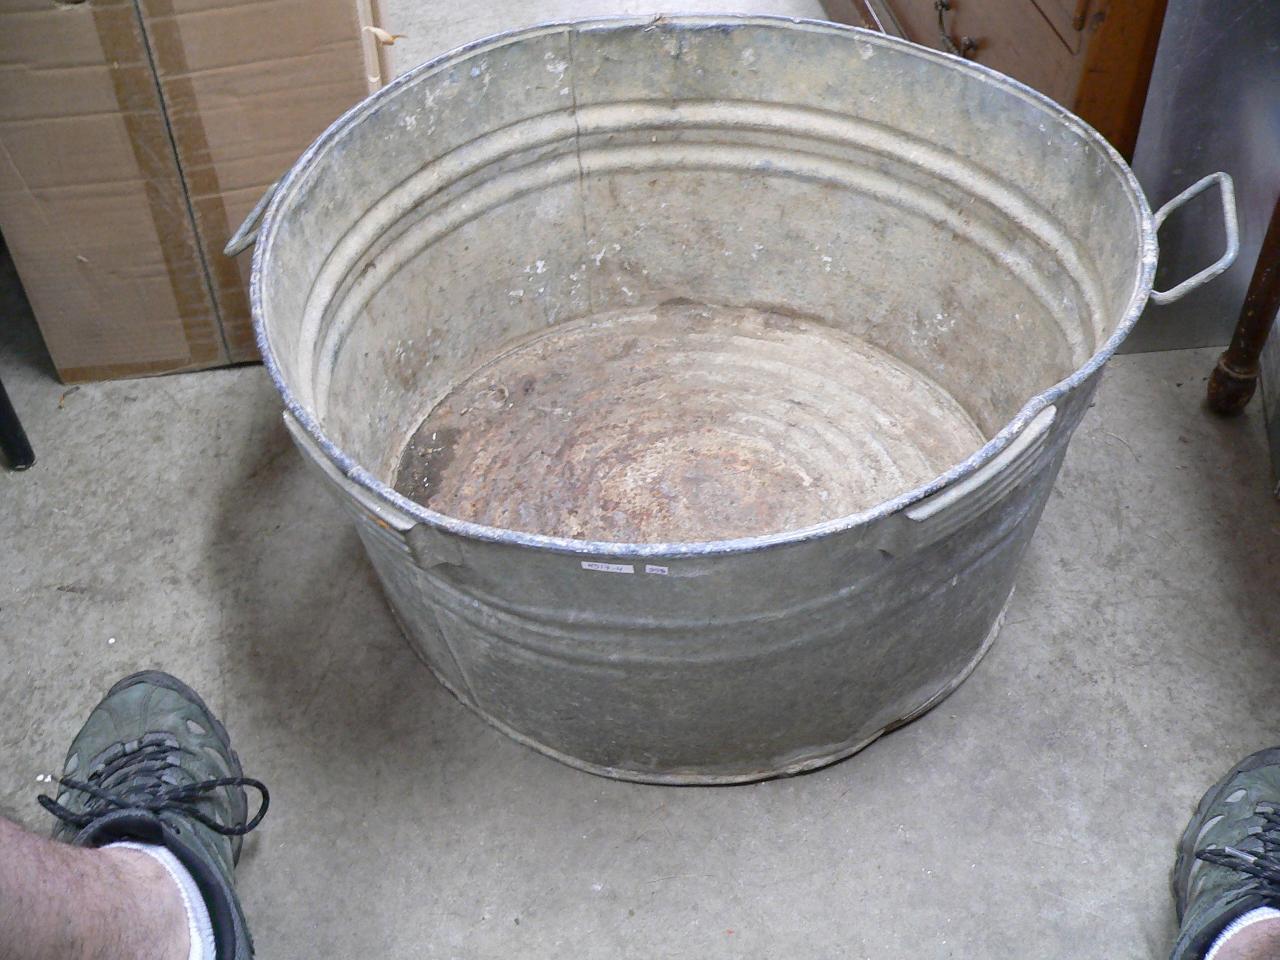 Grosse bassine antique # 4517.4